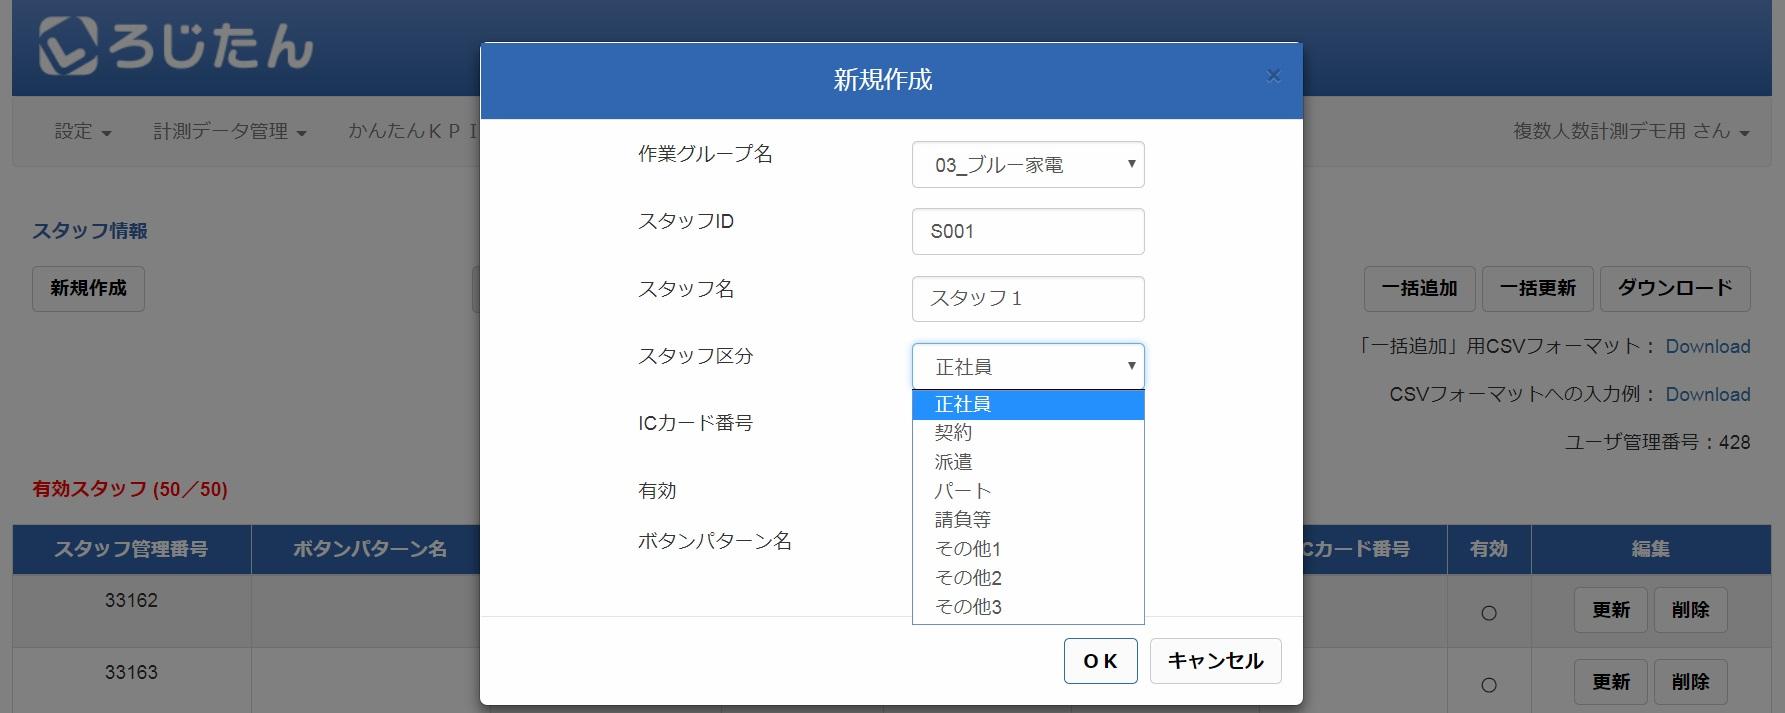 図2:ろじたん管理者用WEBサイトのスタッフ情報設定画面